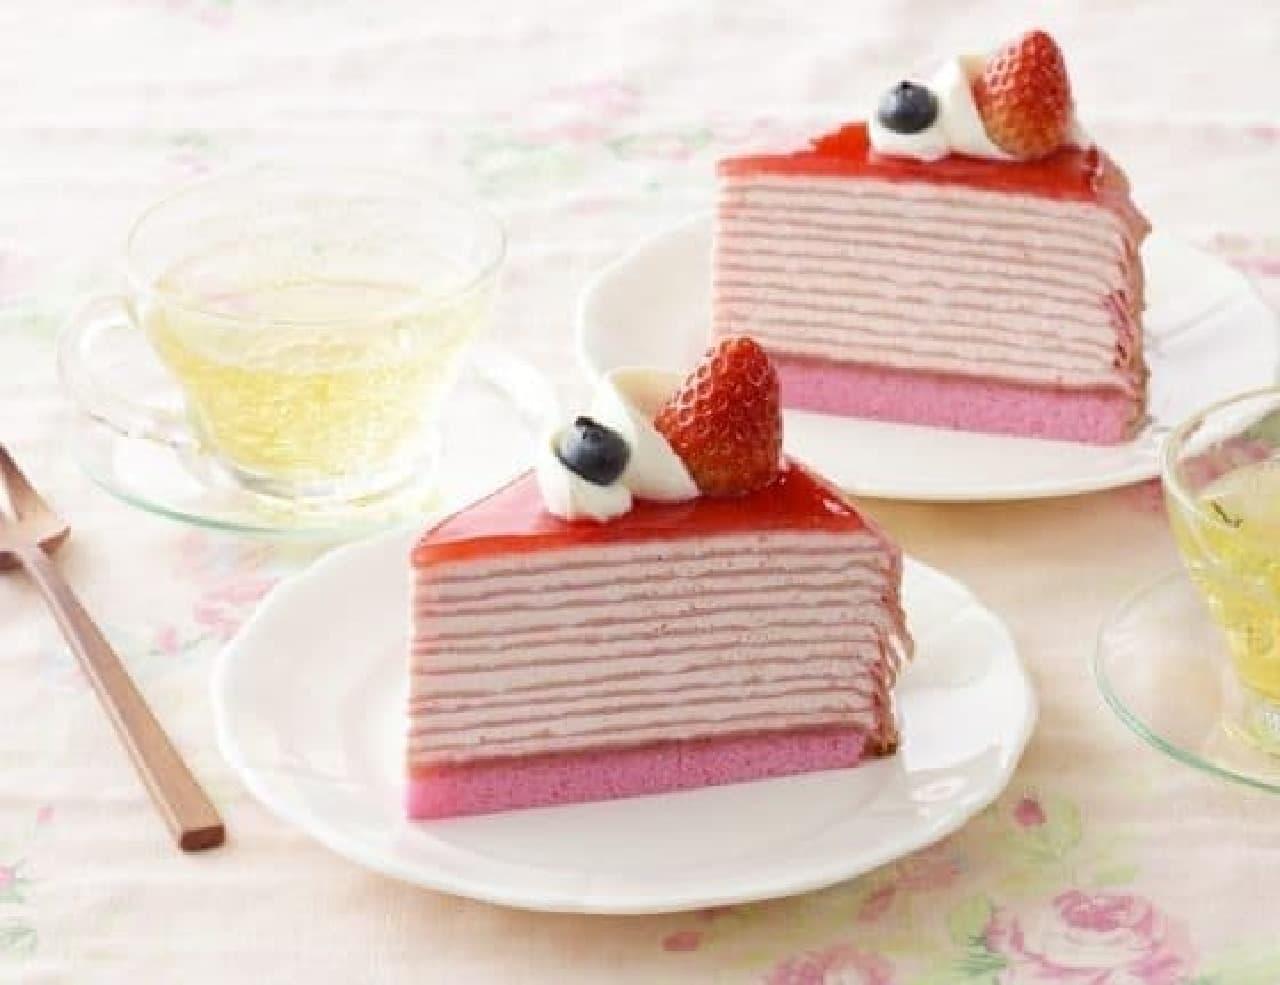 銀座コージーコーナー「濃厚苺のミルクレープ」